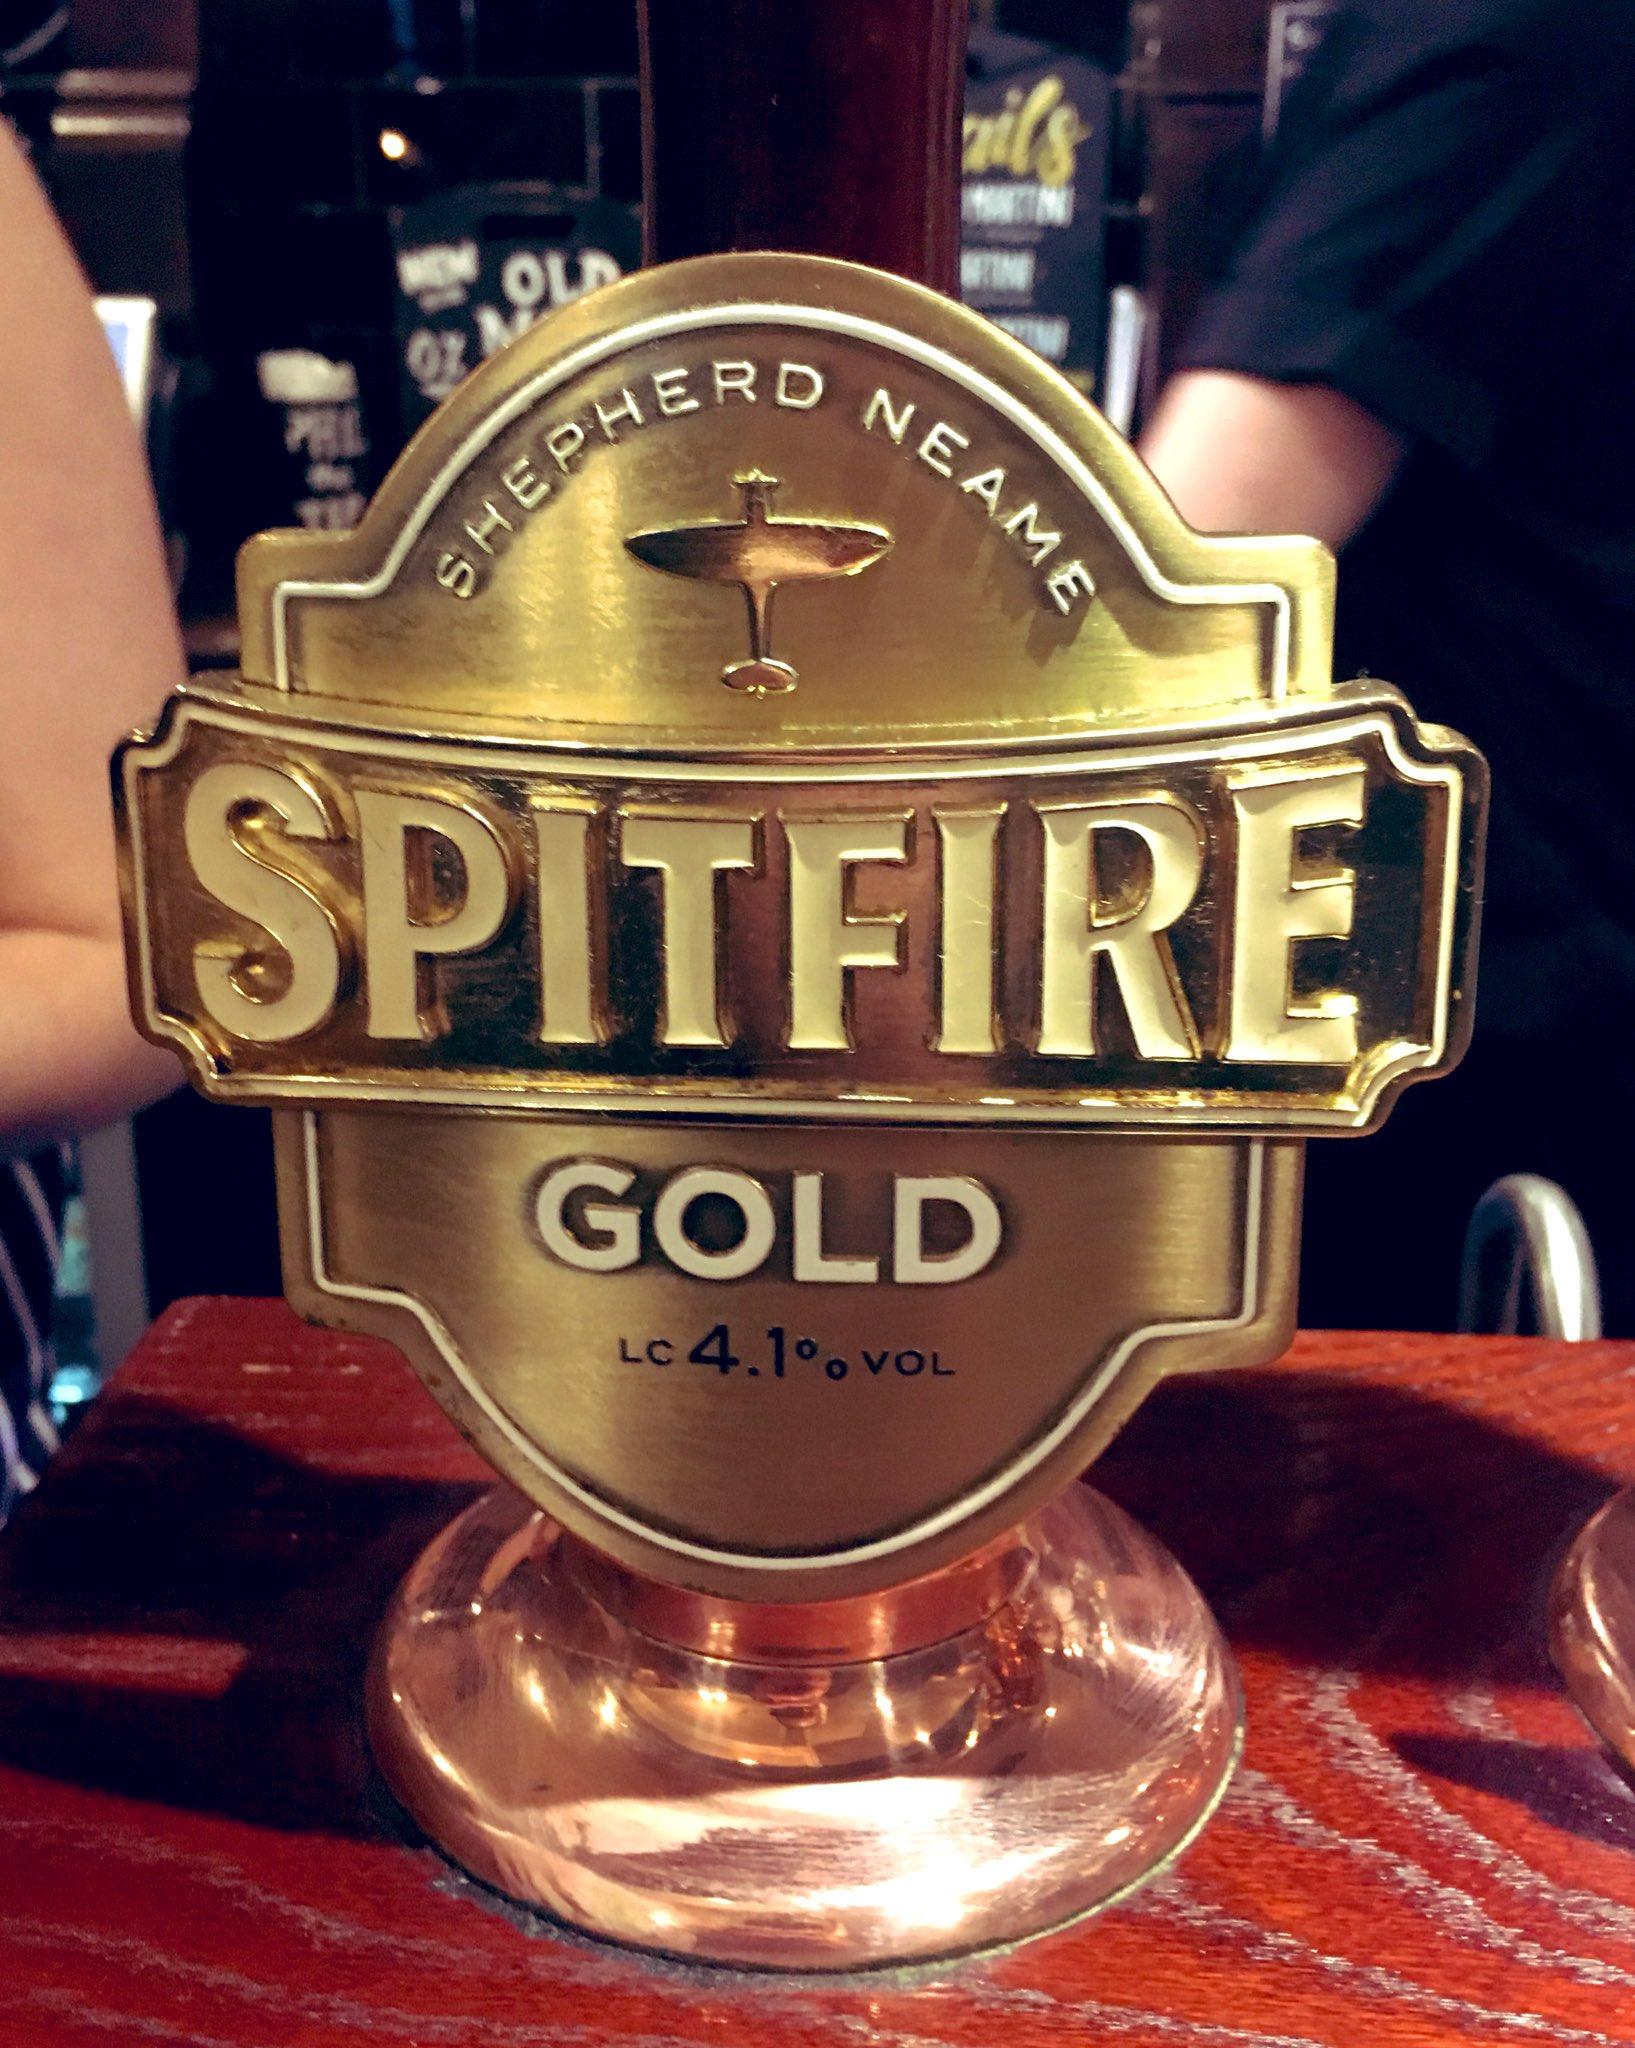 174: Spitfire Gold